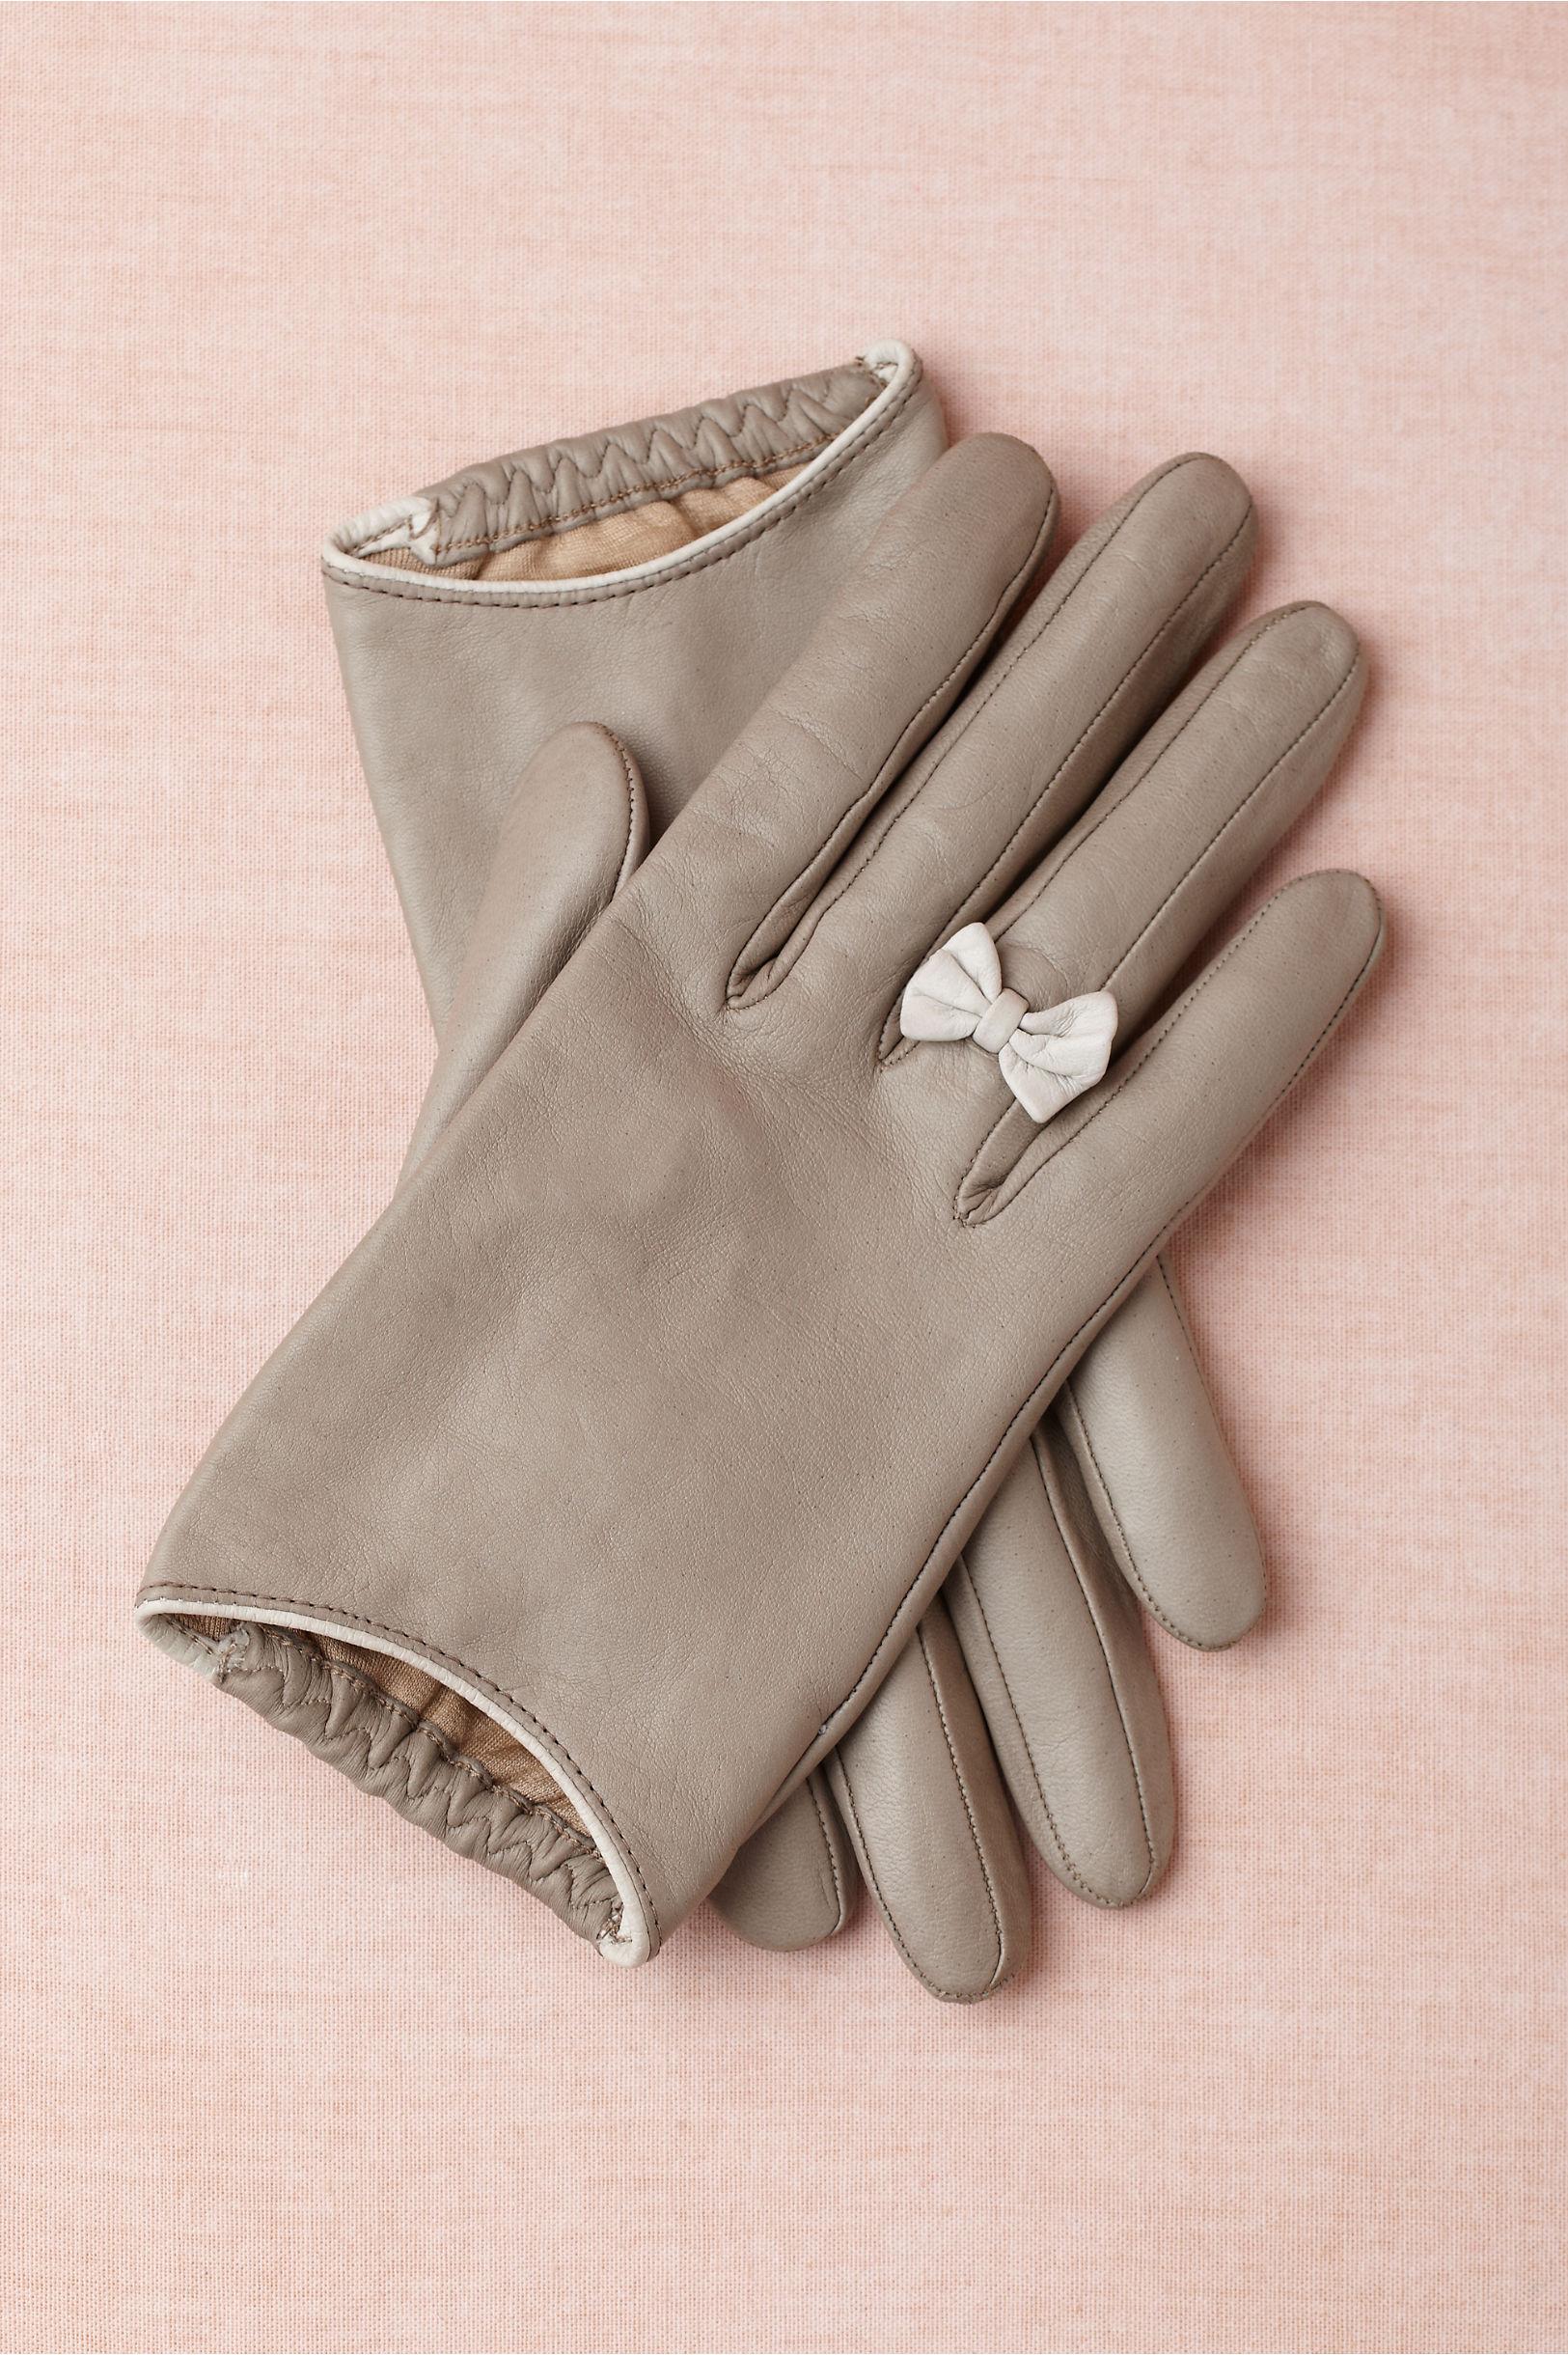 Genteel Gloves